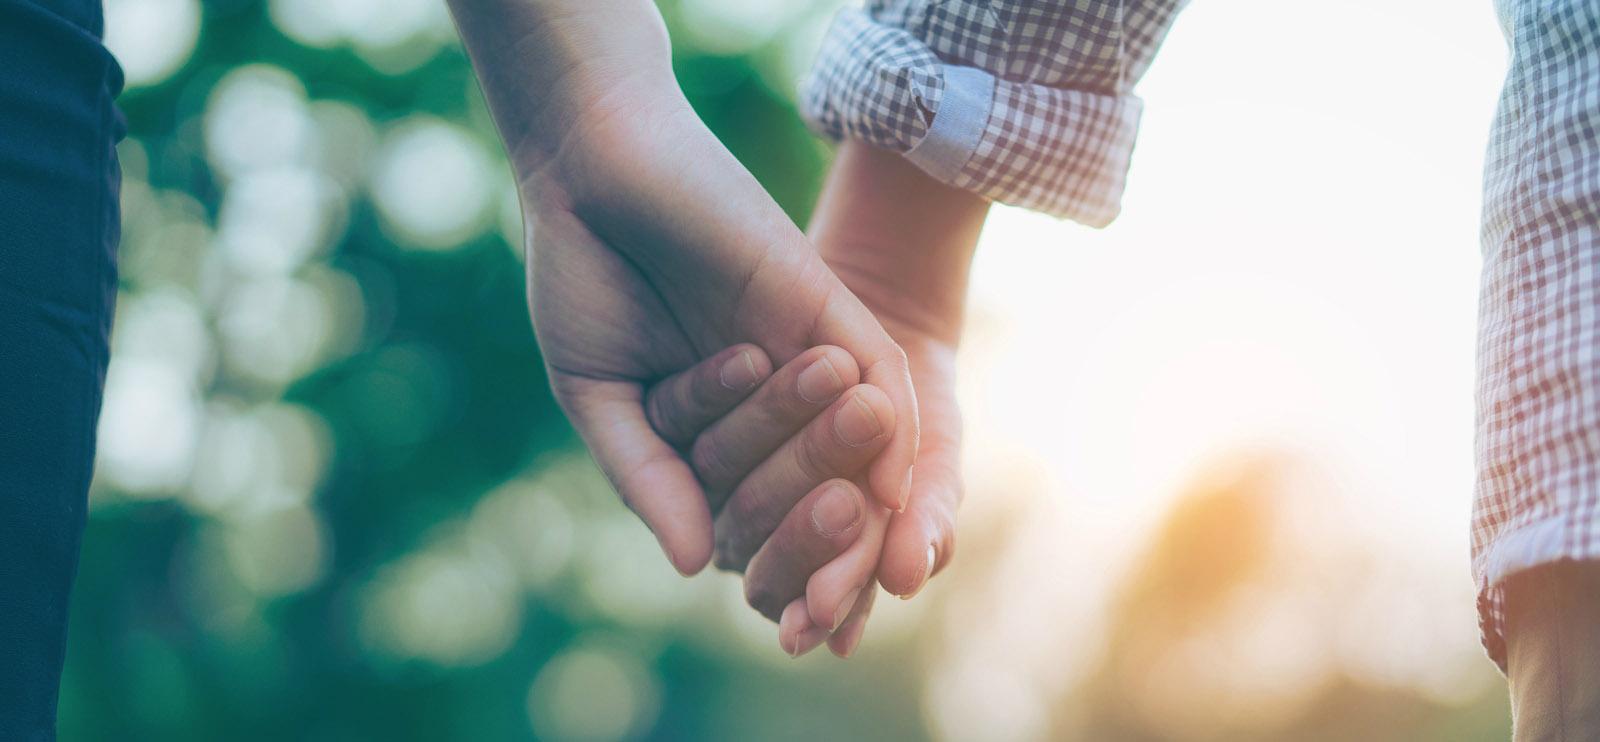 نیاز بلوغ جنسی در ازدواج